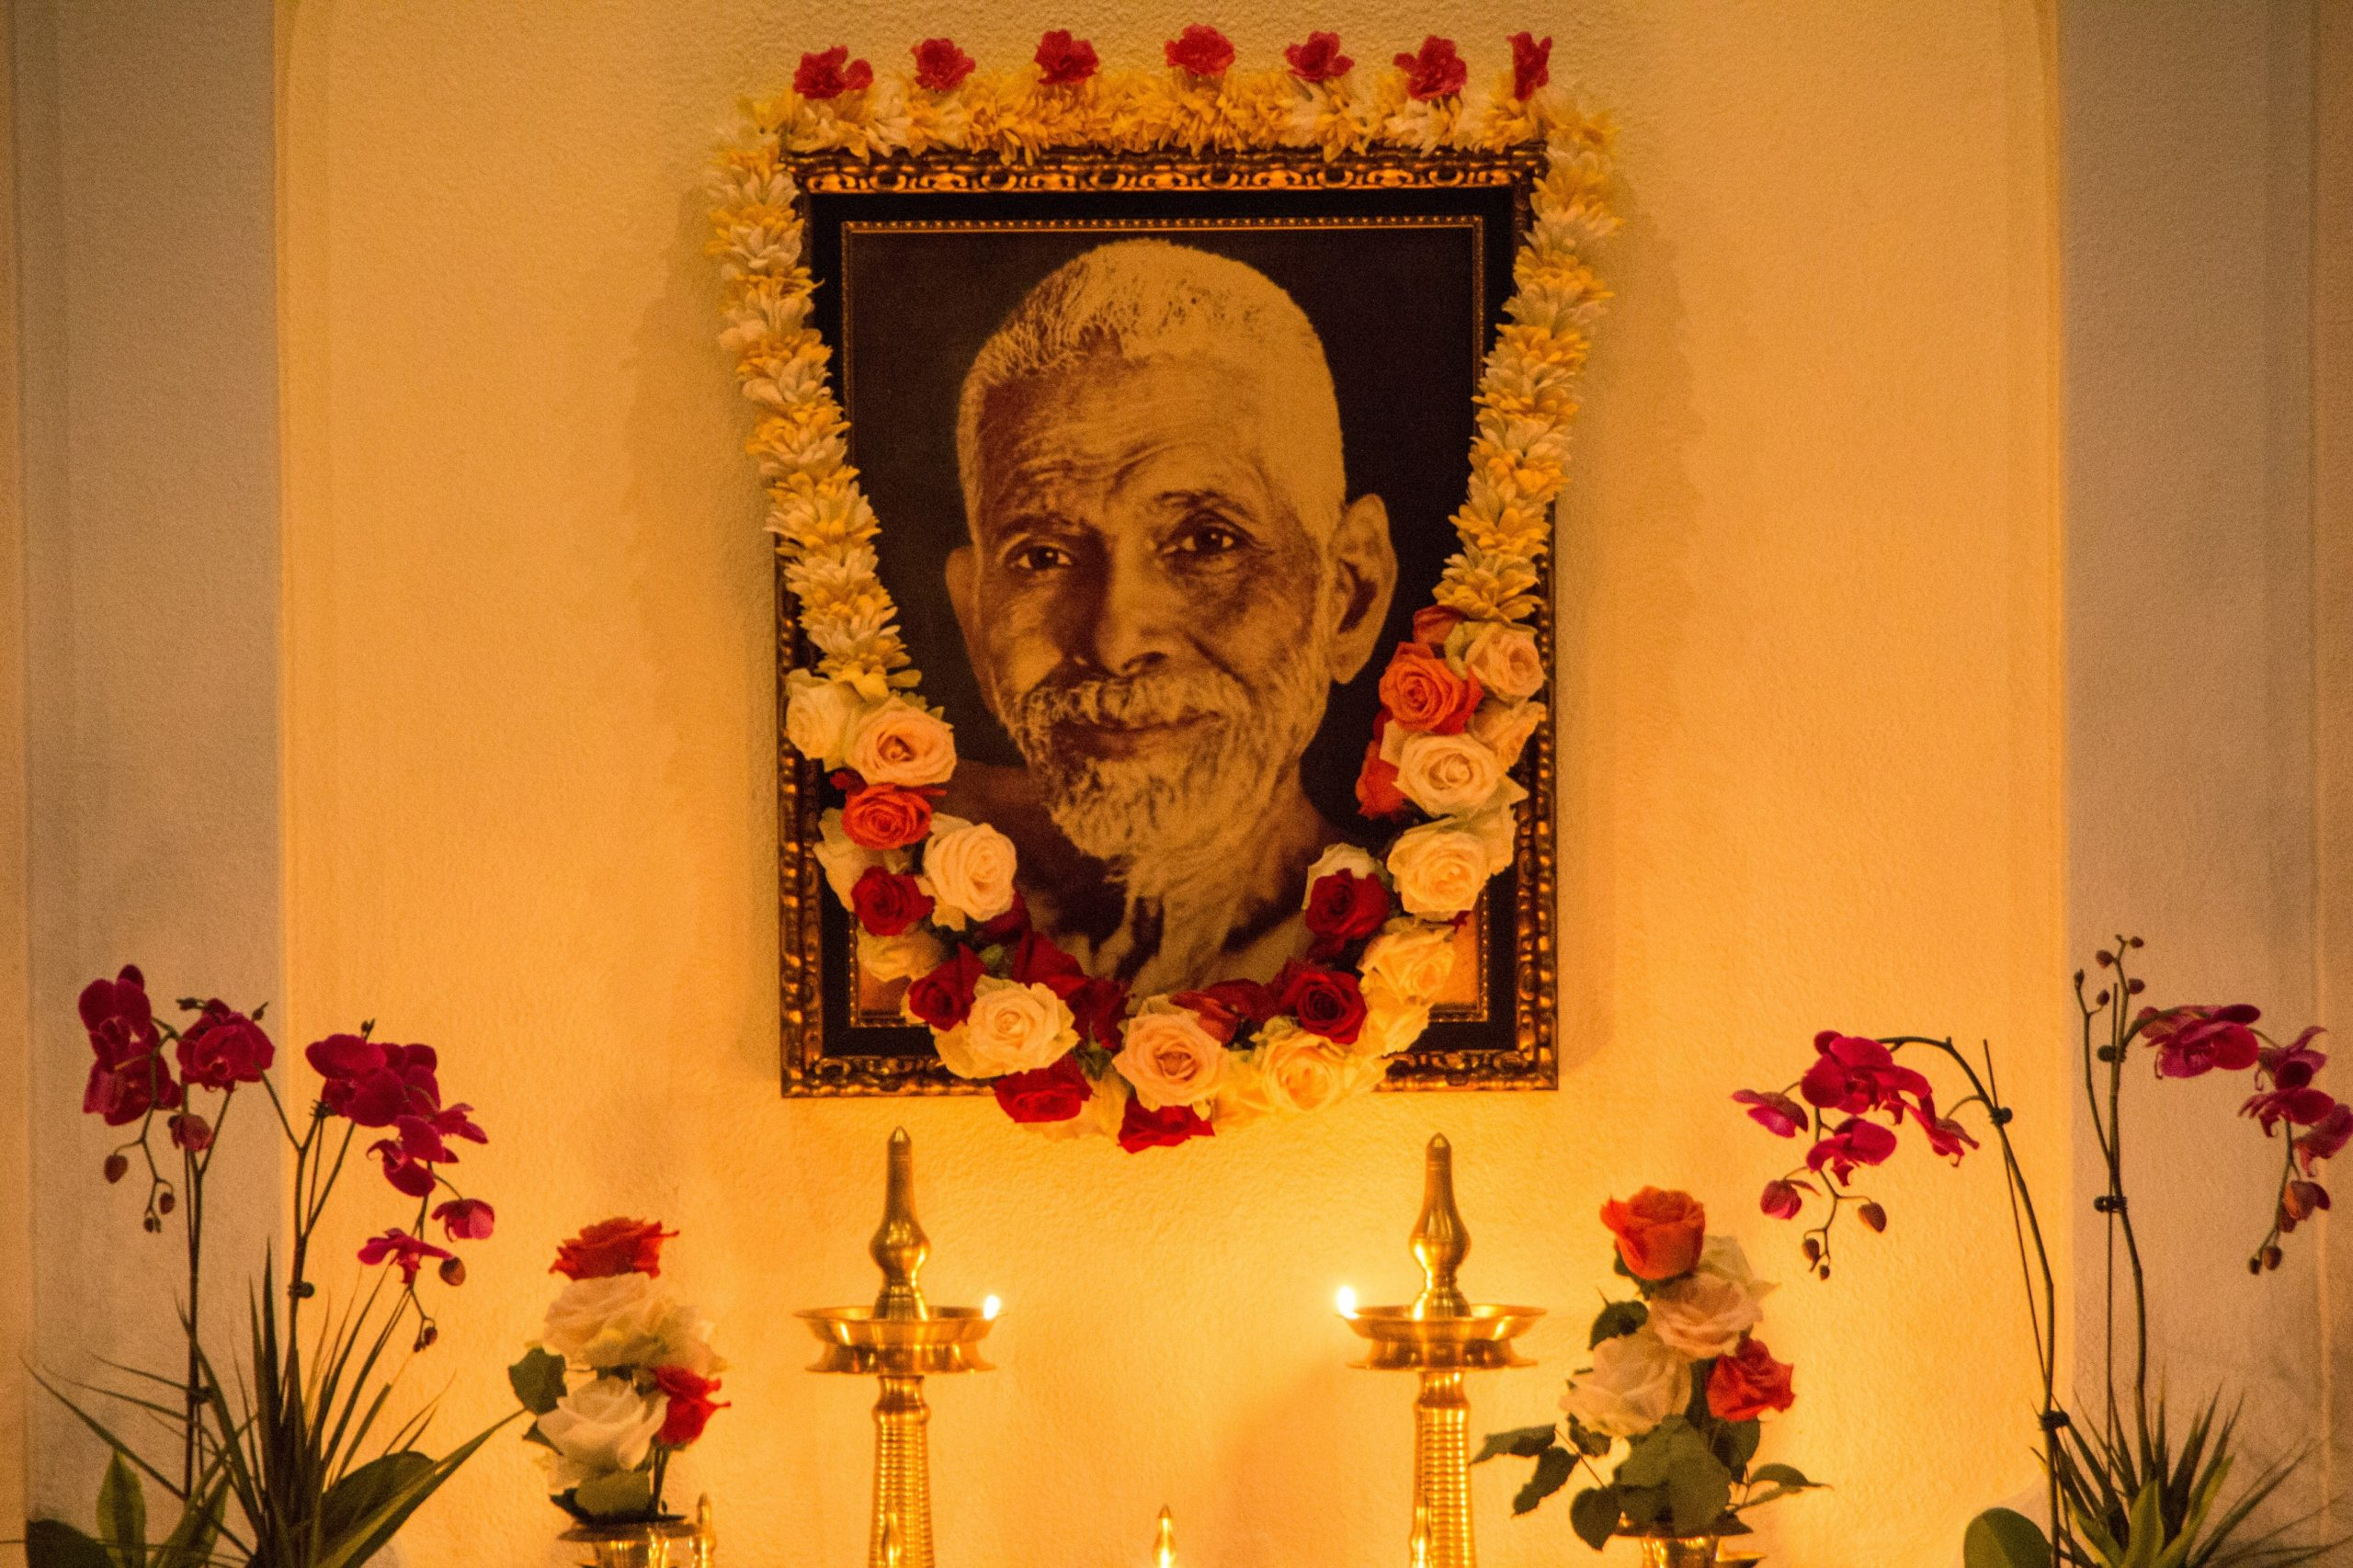 2020 Sri Ramana Maharshi Self-Realization Day